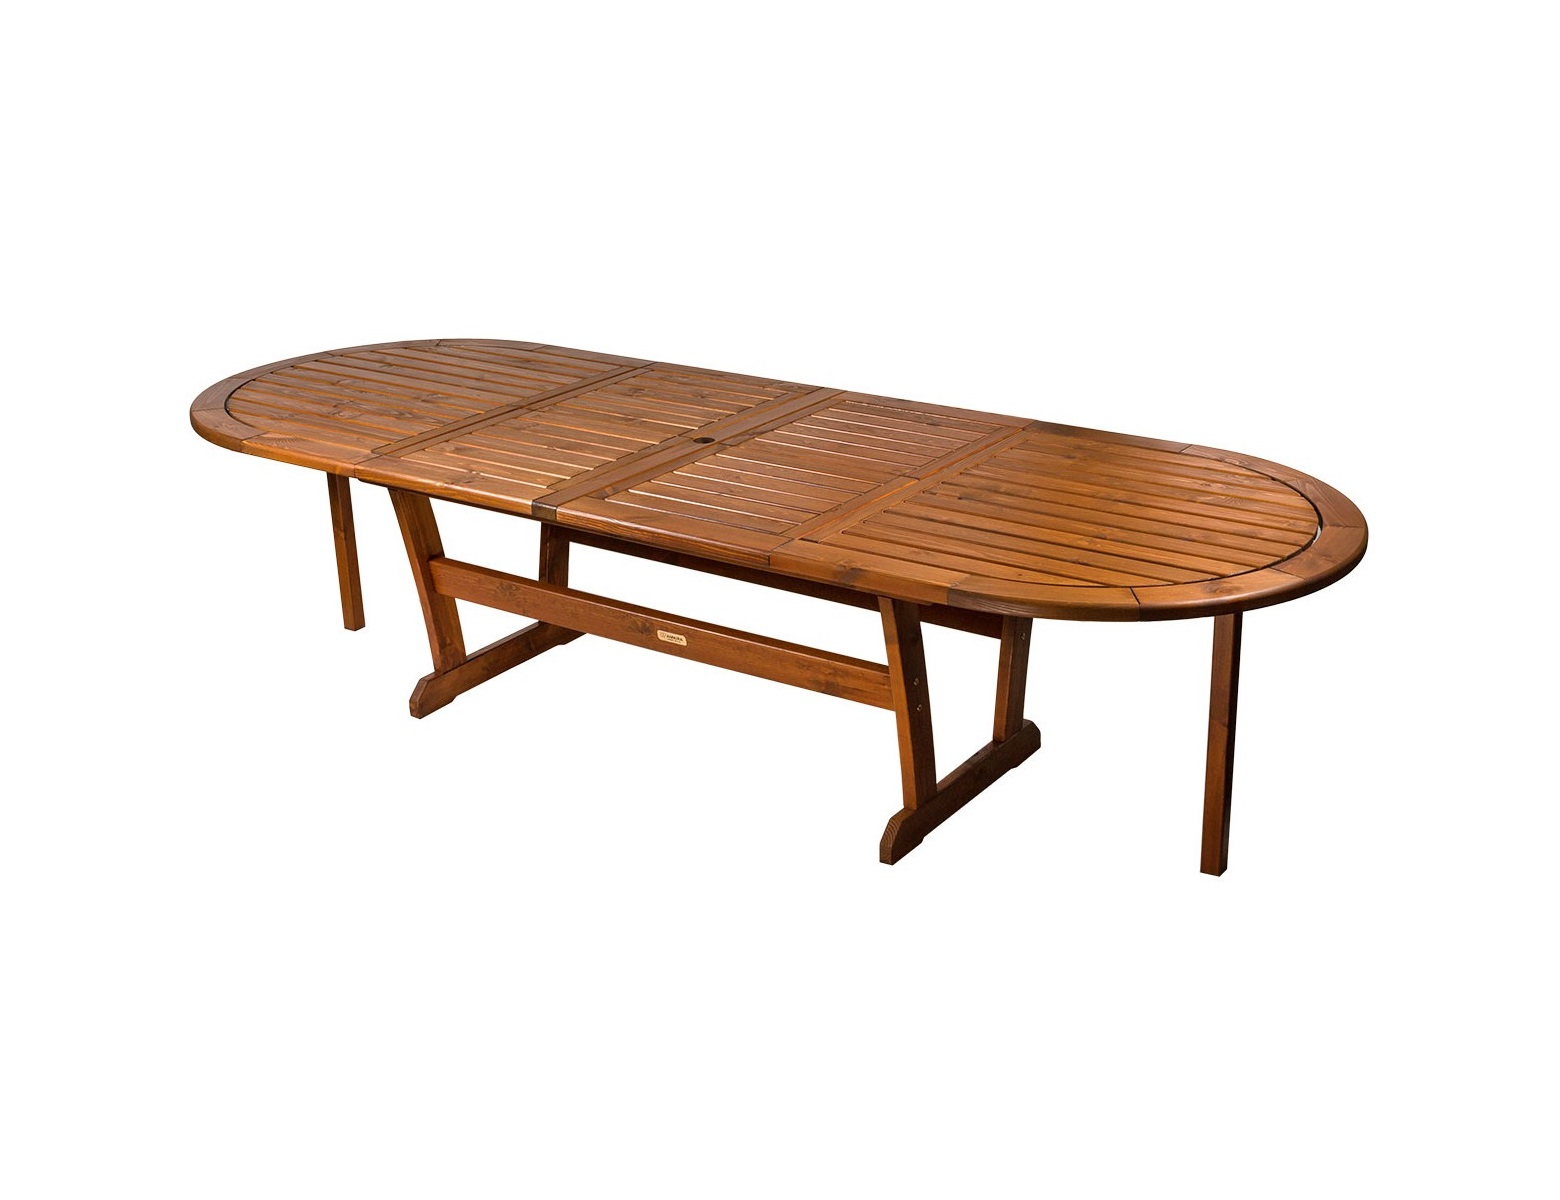 Обеденный стол SolbergaСтолы и столики для сада<br>Для большей вместимости за столом Вы можете разложить одну (общая ширина становится 249 см) &amp;amp;nbsp;или сразу две центральные вставки (общая ширина становится 302 см).<br><br>Material: Сосна<br>Ширина см: 196<br>Высота см: 73<br>Глубина см: 110